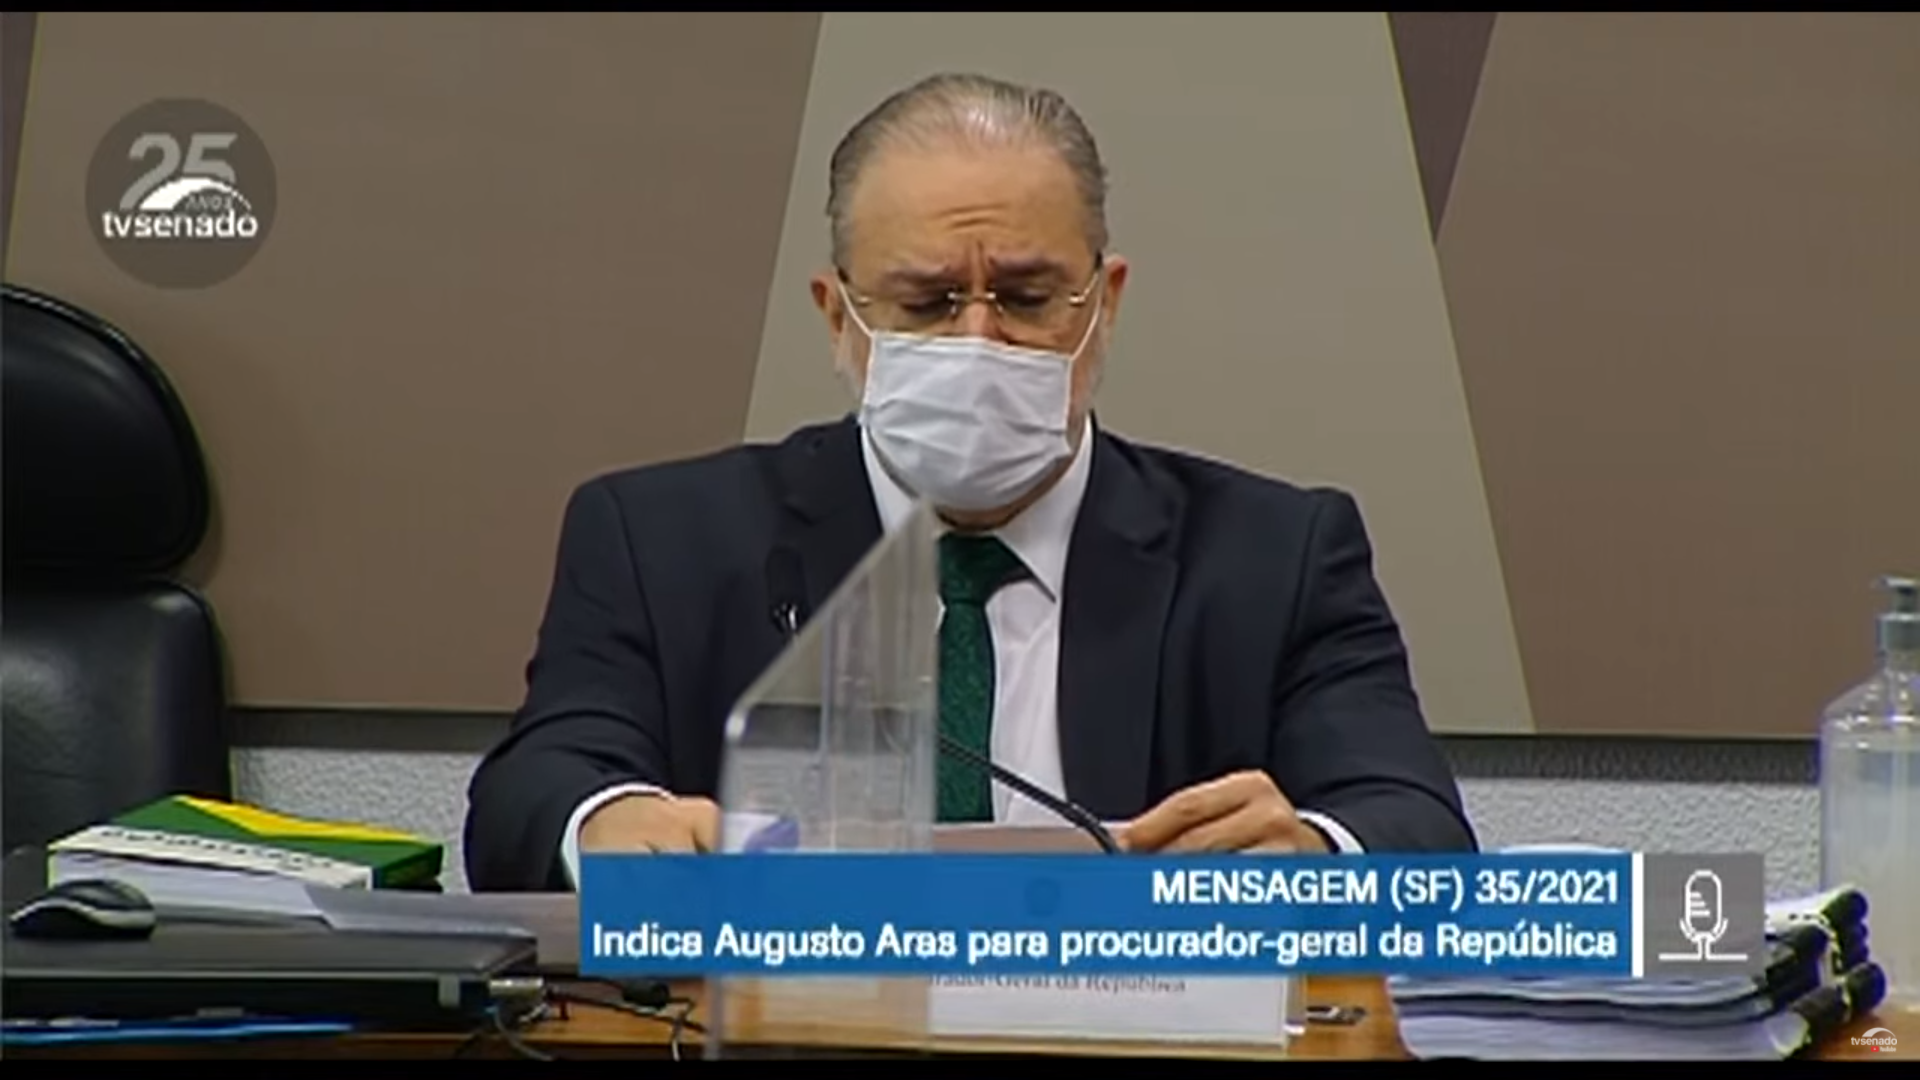 """IMAGEM: Em busca de recondução, Aras volta a atacar Lava Jato: """"Não se revelou sustentável"""""""